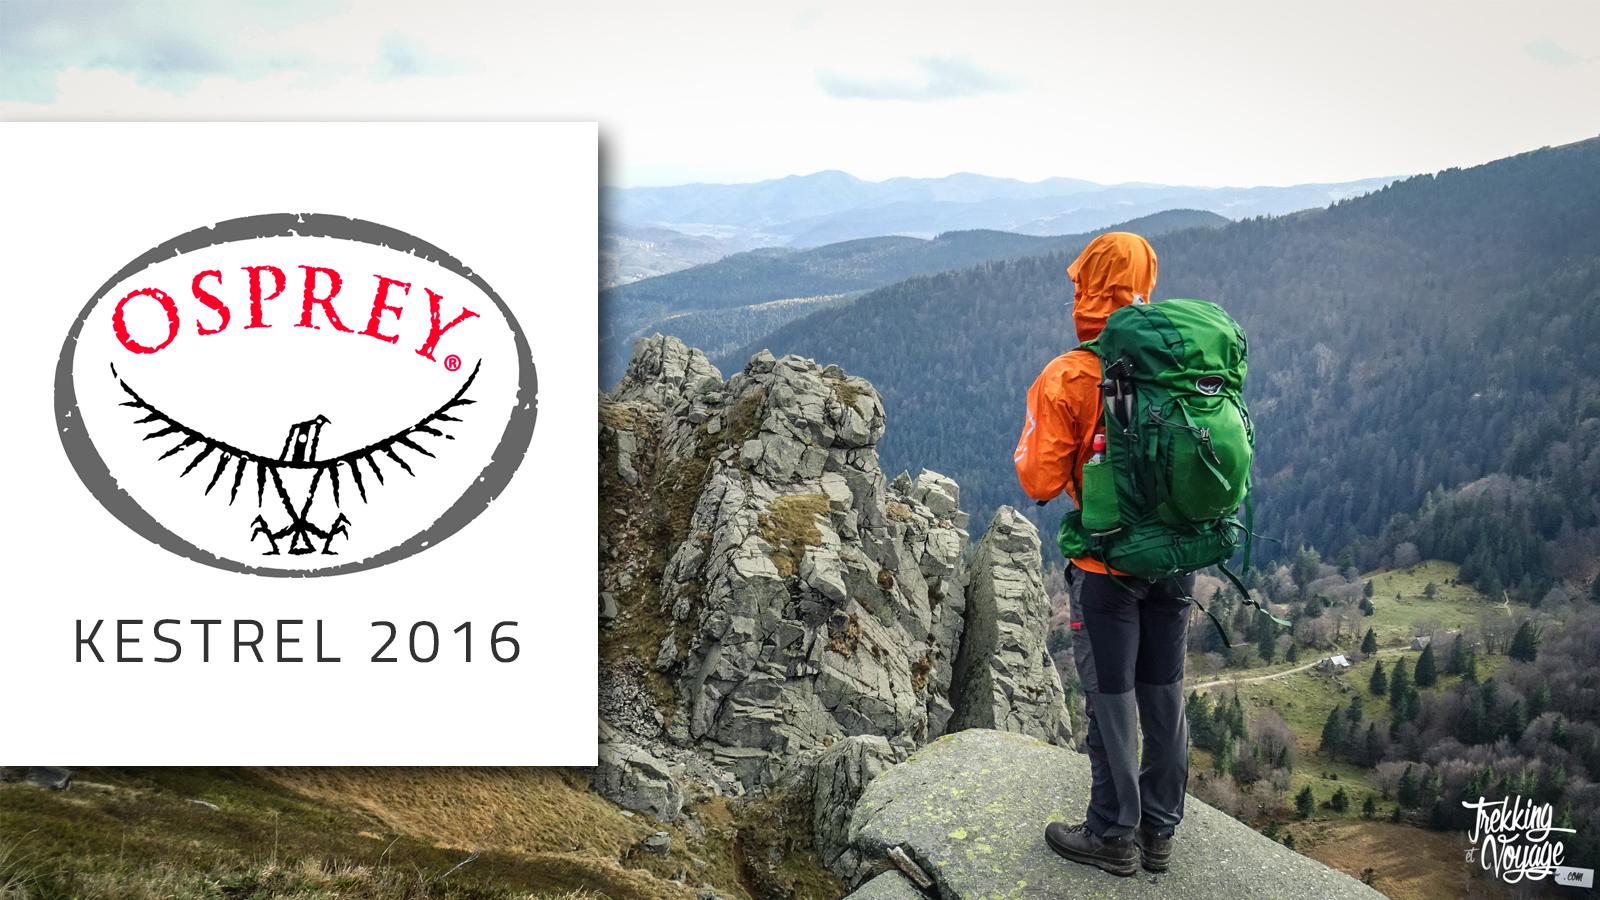 Test du sac à dos Osprey Kestrel 2016